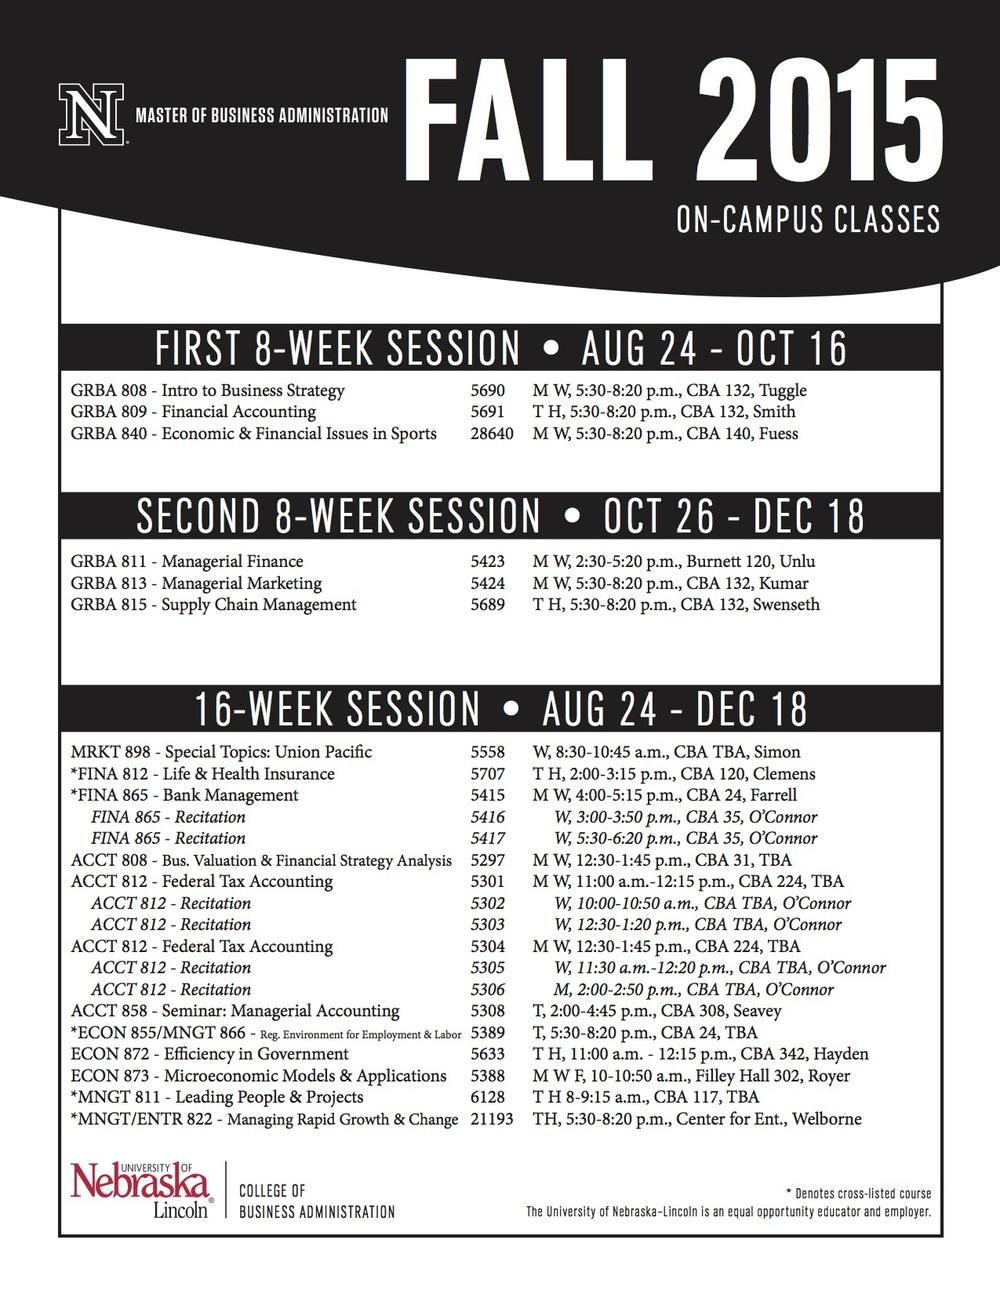 Fall 2015 class schedule